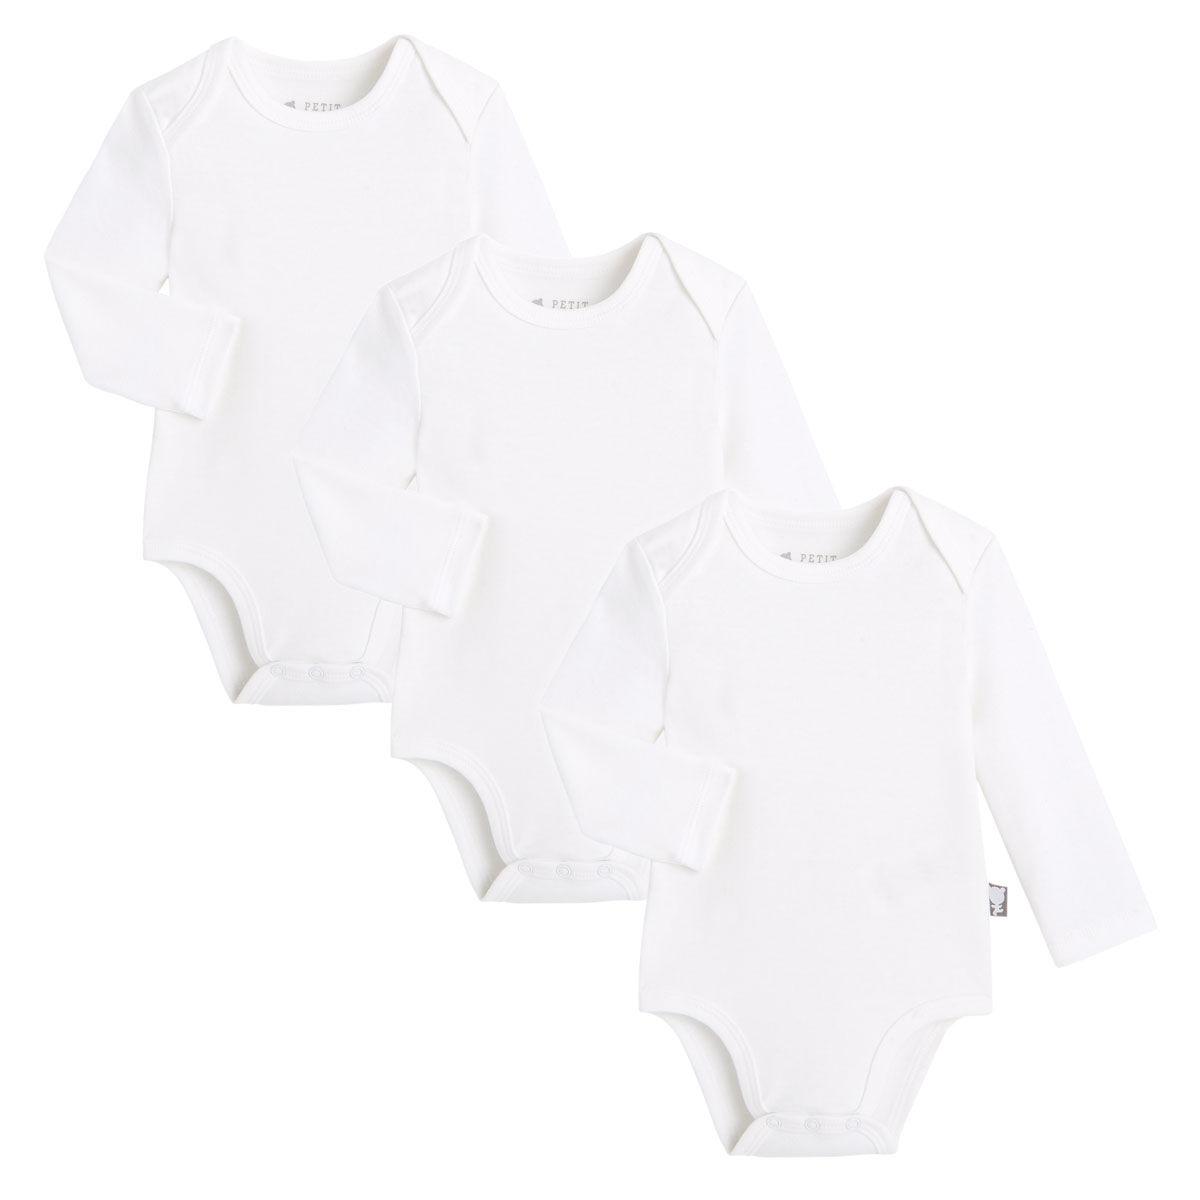 Petit Béguin Lot de 3 bodies bébé manches longues - Taille - 12 mois